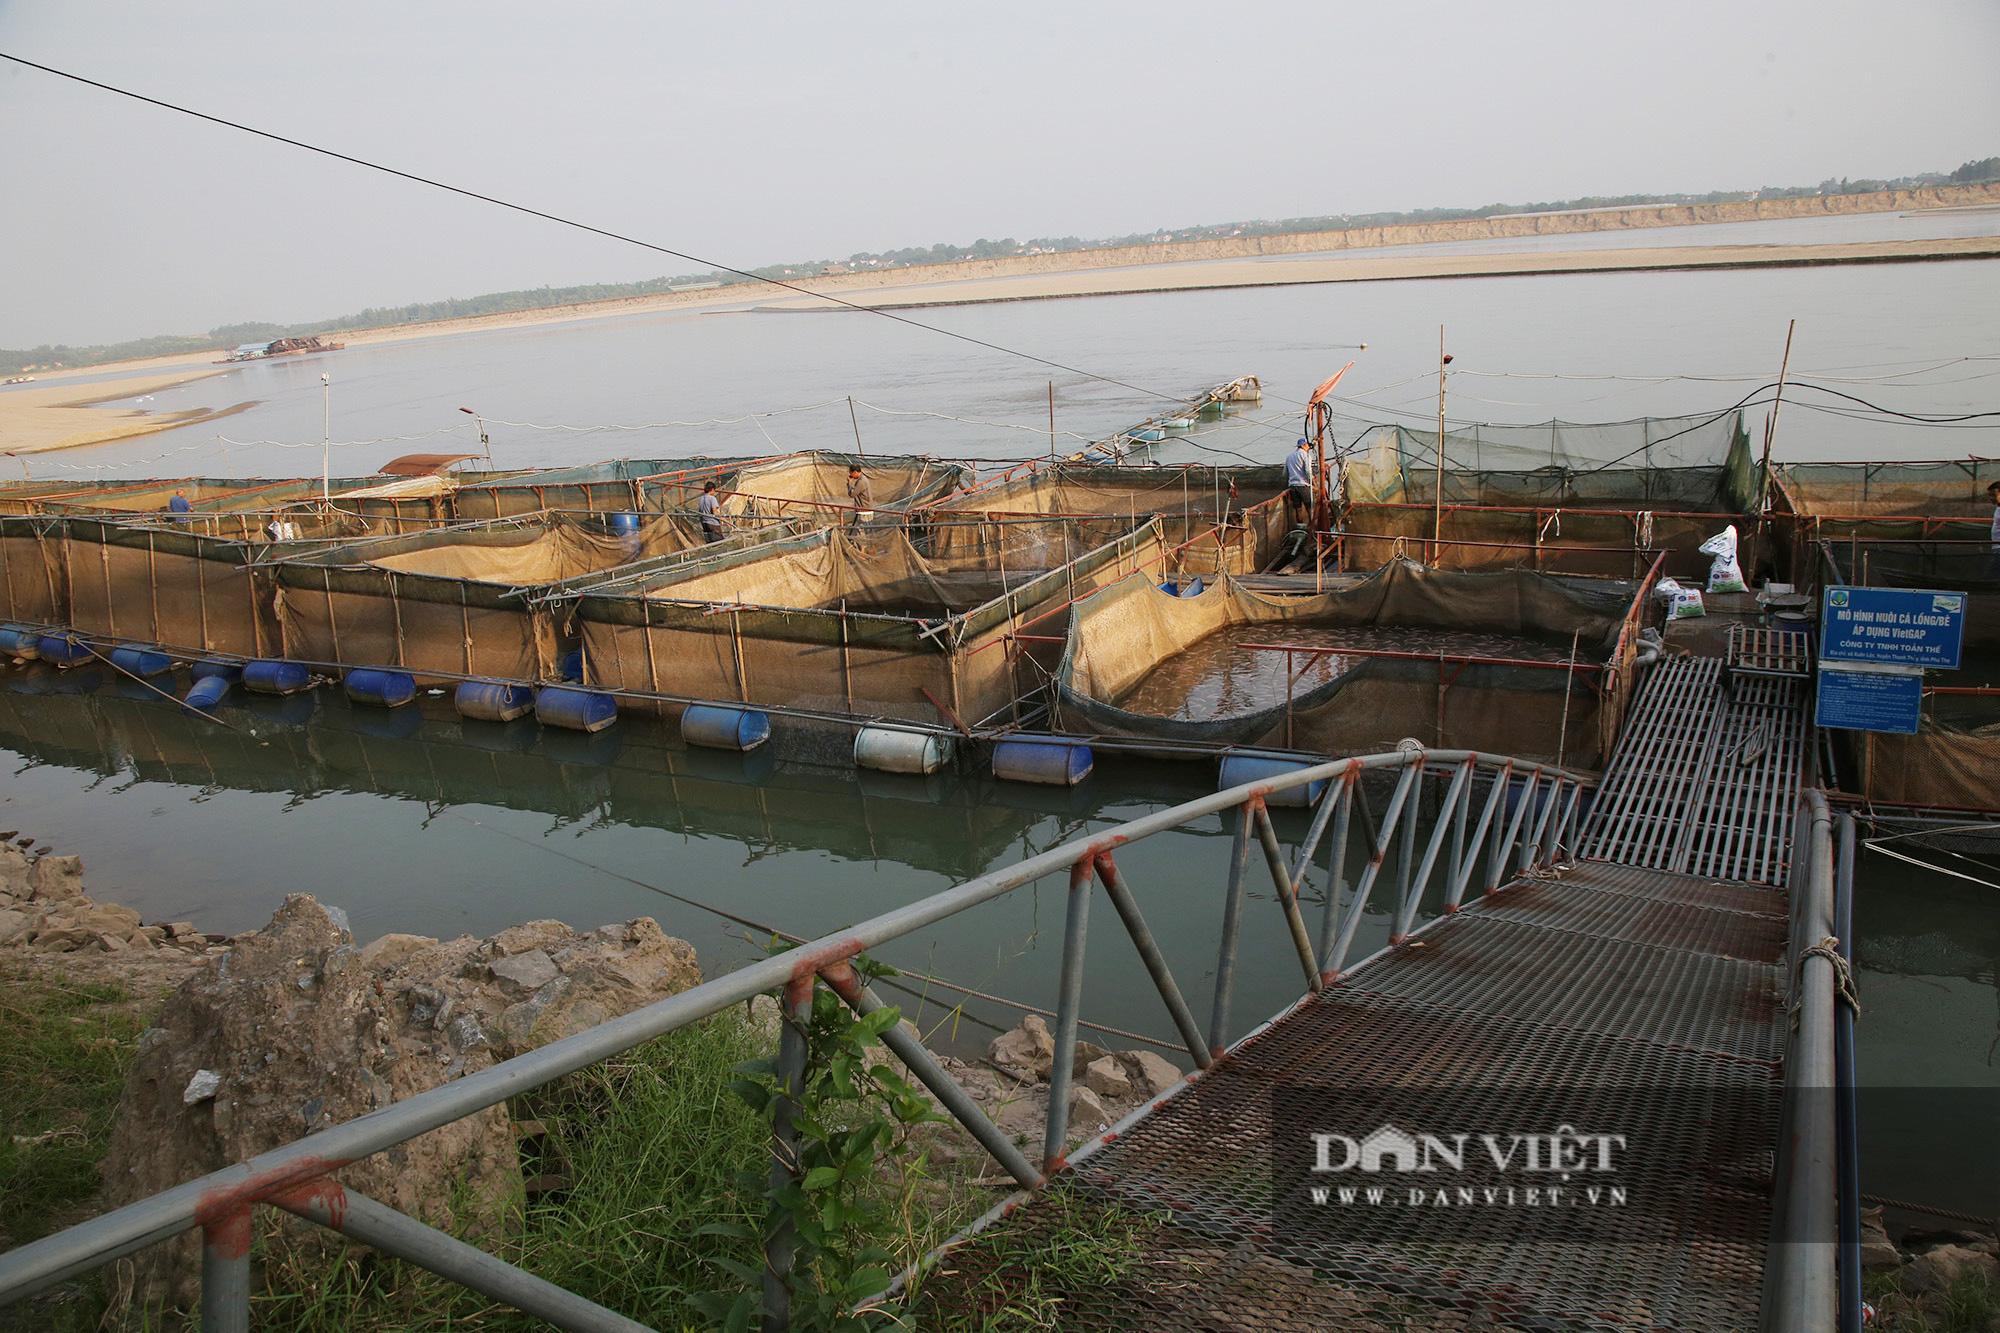 Dân nuôi cá trên sông Đà hút cát để cứu cá do nước sông cạn - Ảnh 12.